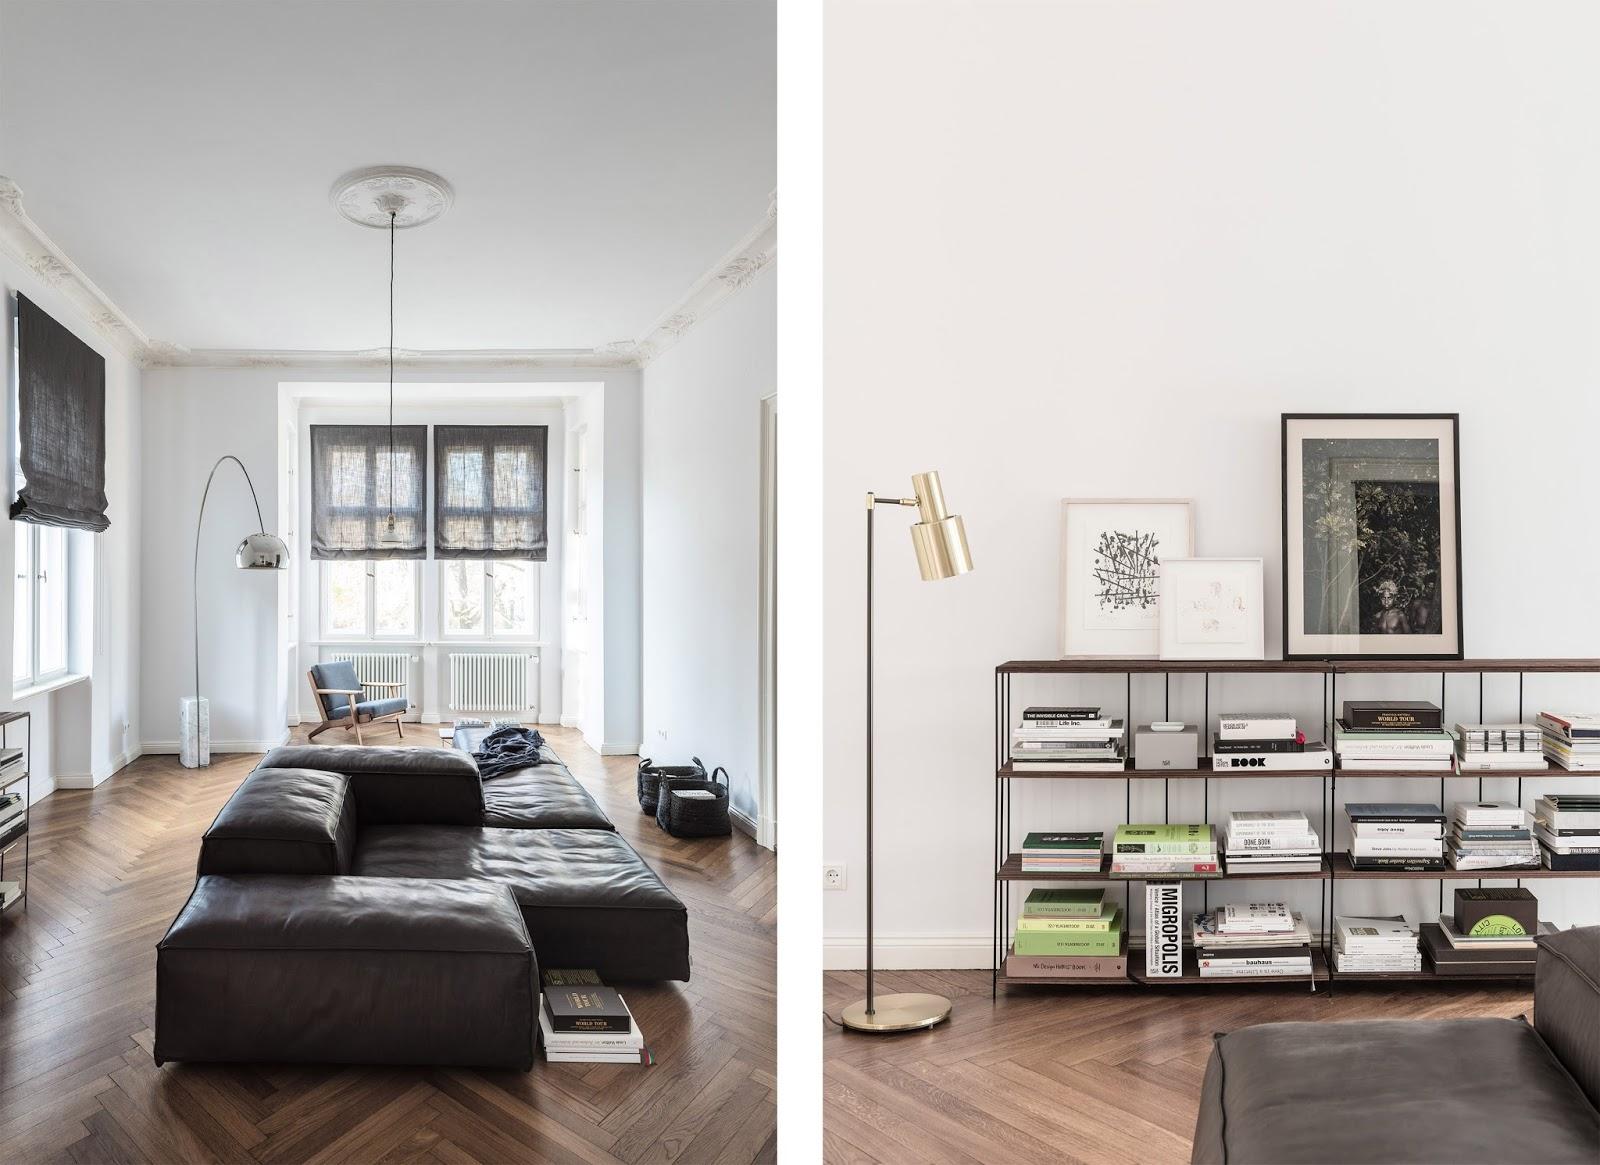 Appartamento del 19 secolo tra antico e moderno a berlino for Appartamento stile moderno